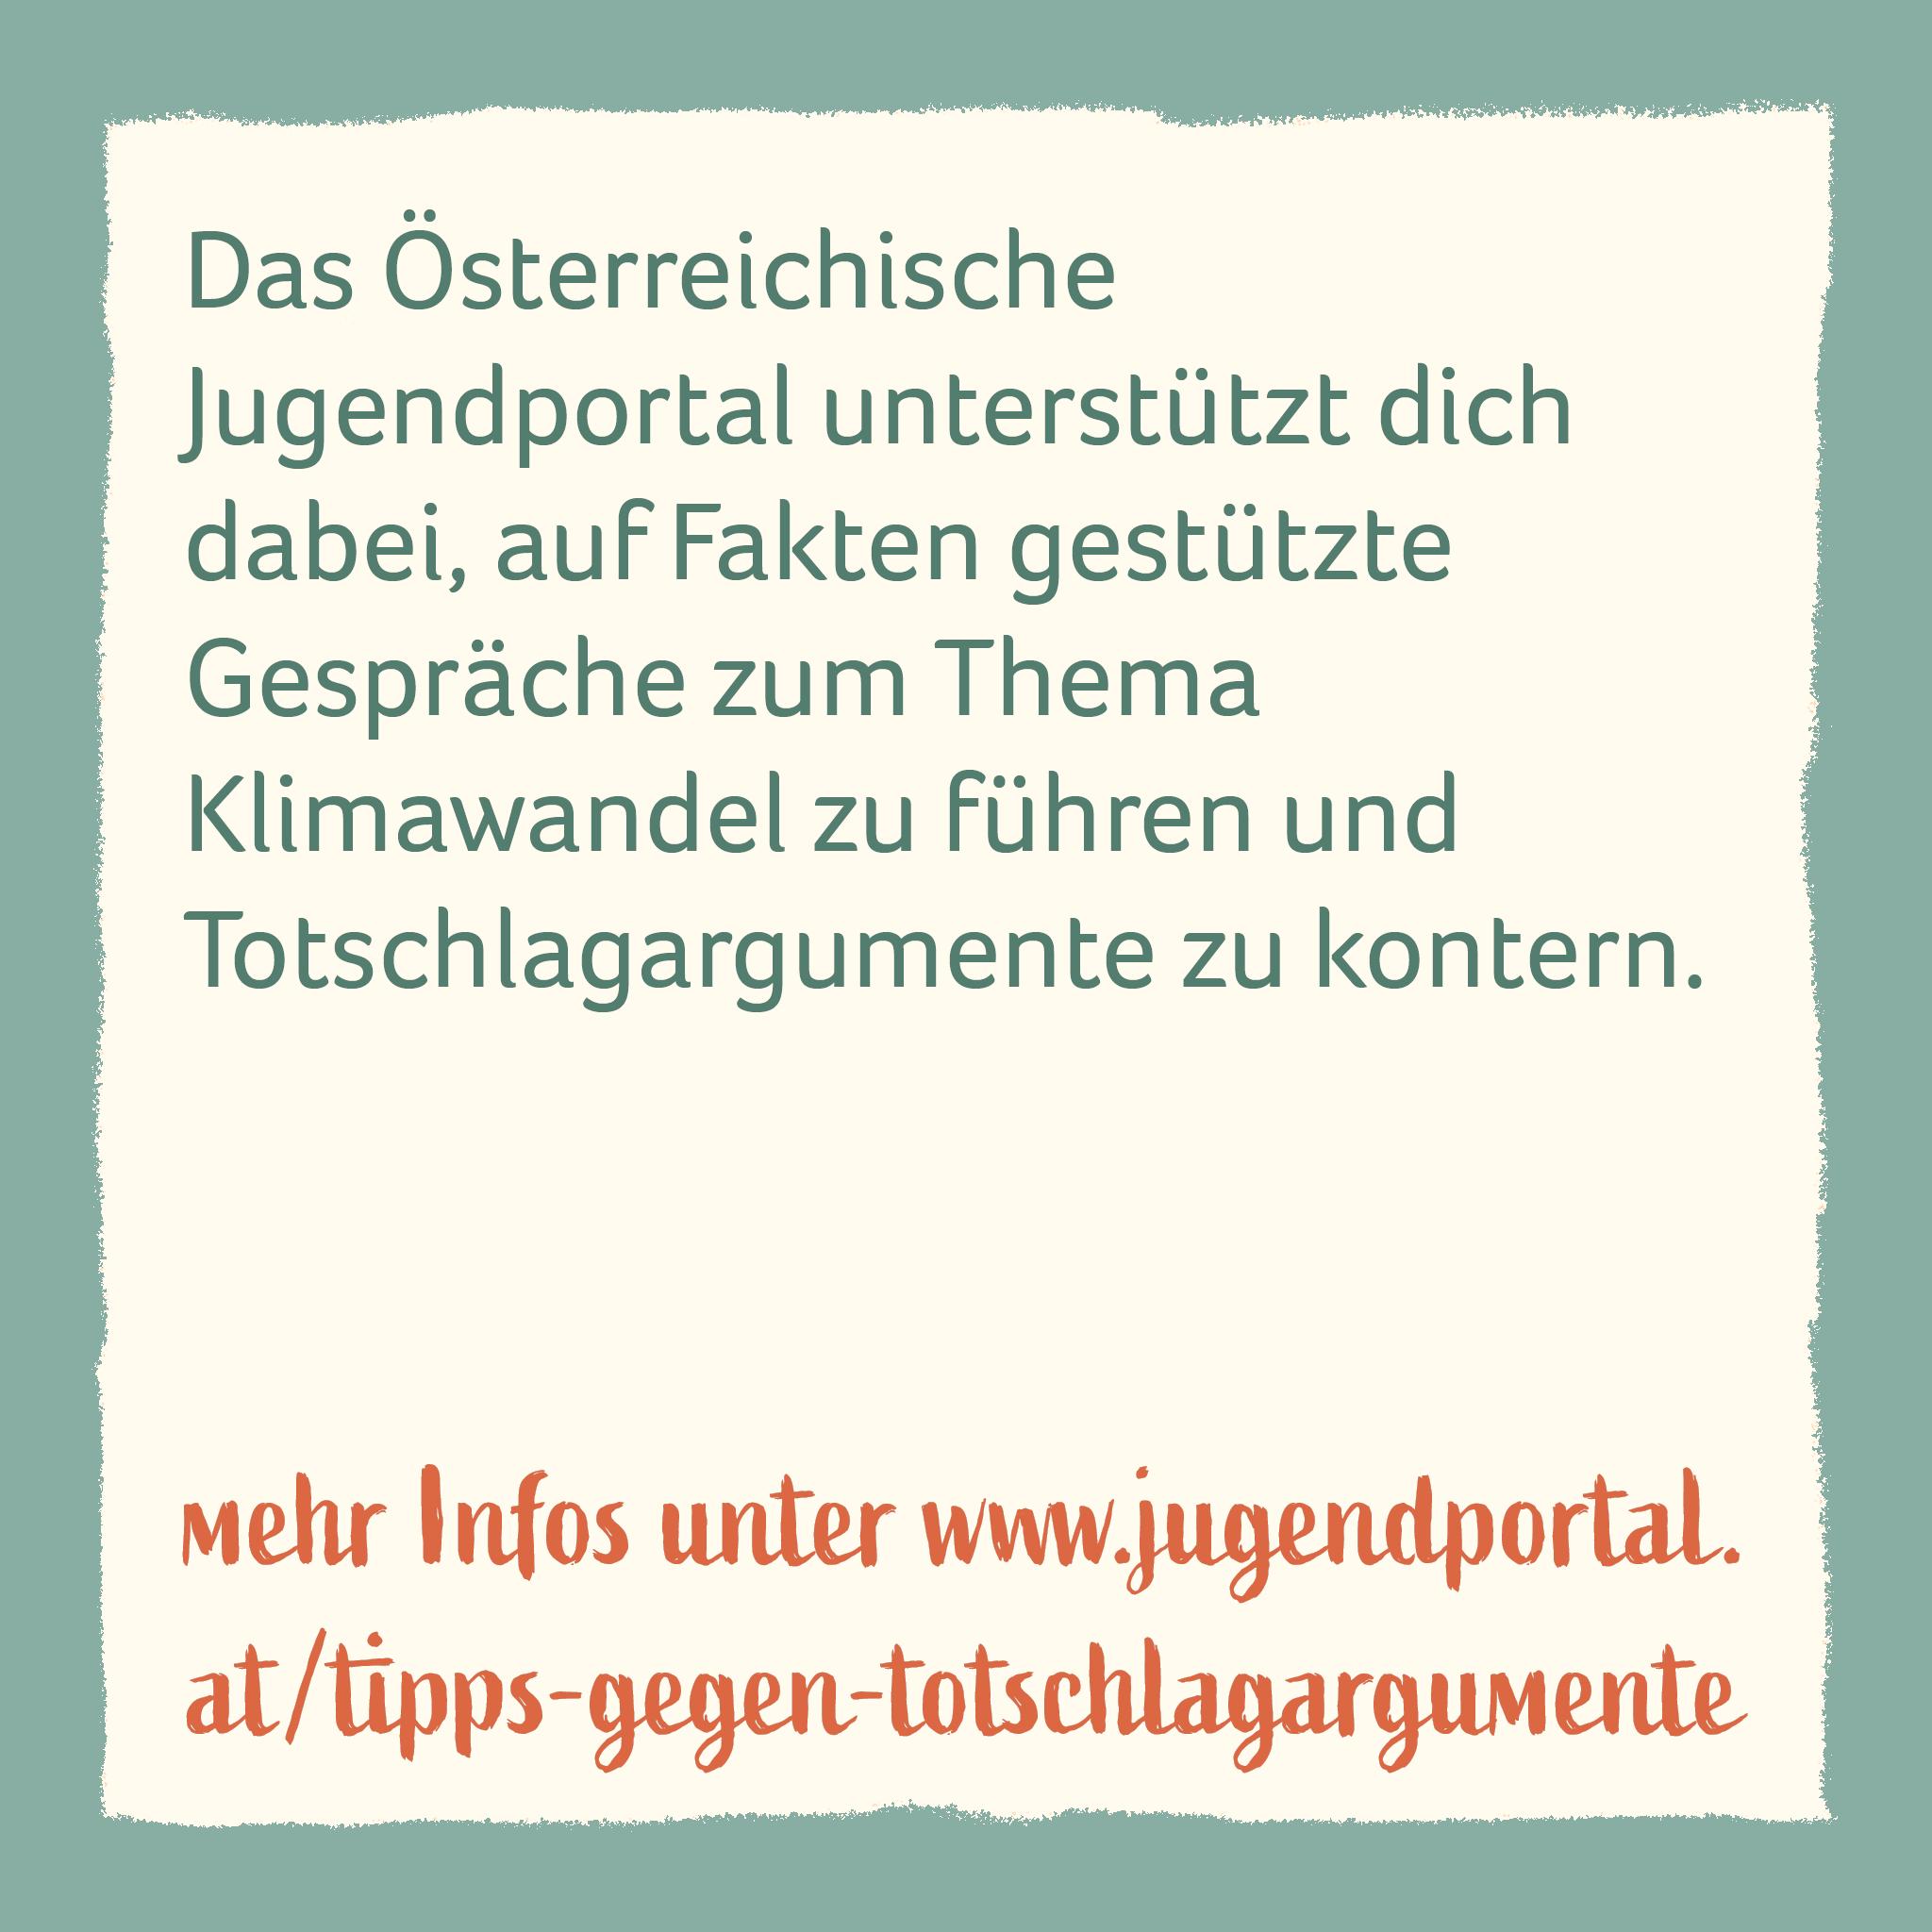 Wir unterstützen dich dabei! mehr Infos unter: www.jugendportal.at/argumentationstipps